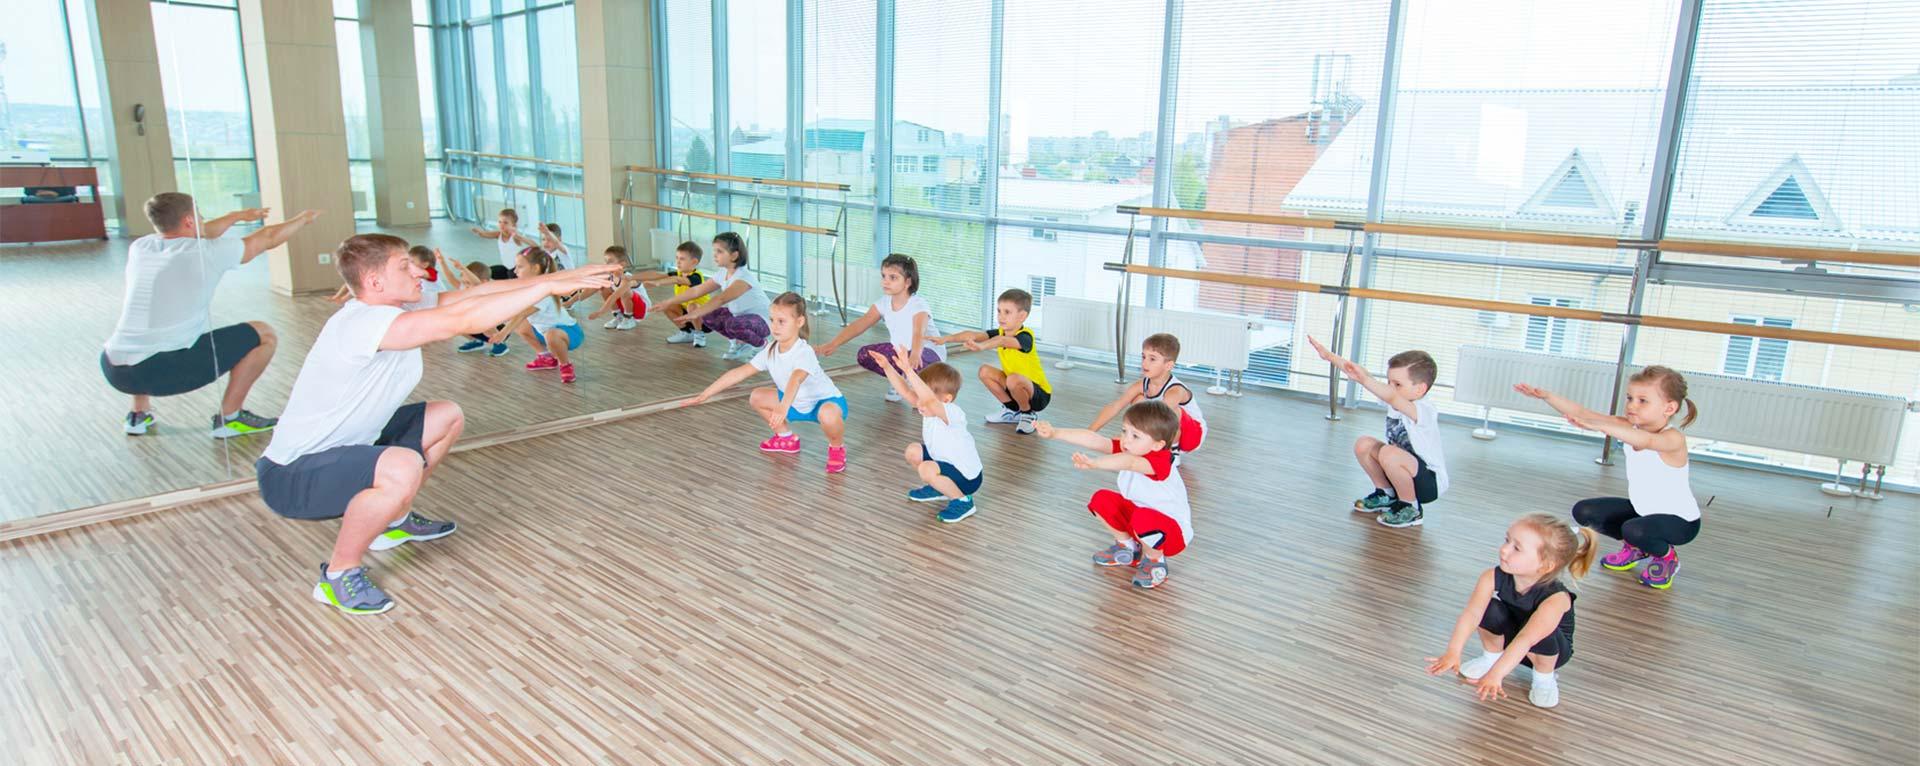 Bewegte Kinder - Janzen Sport